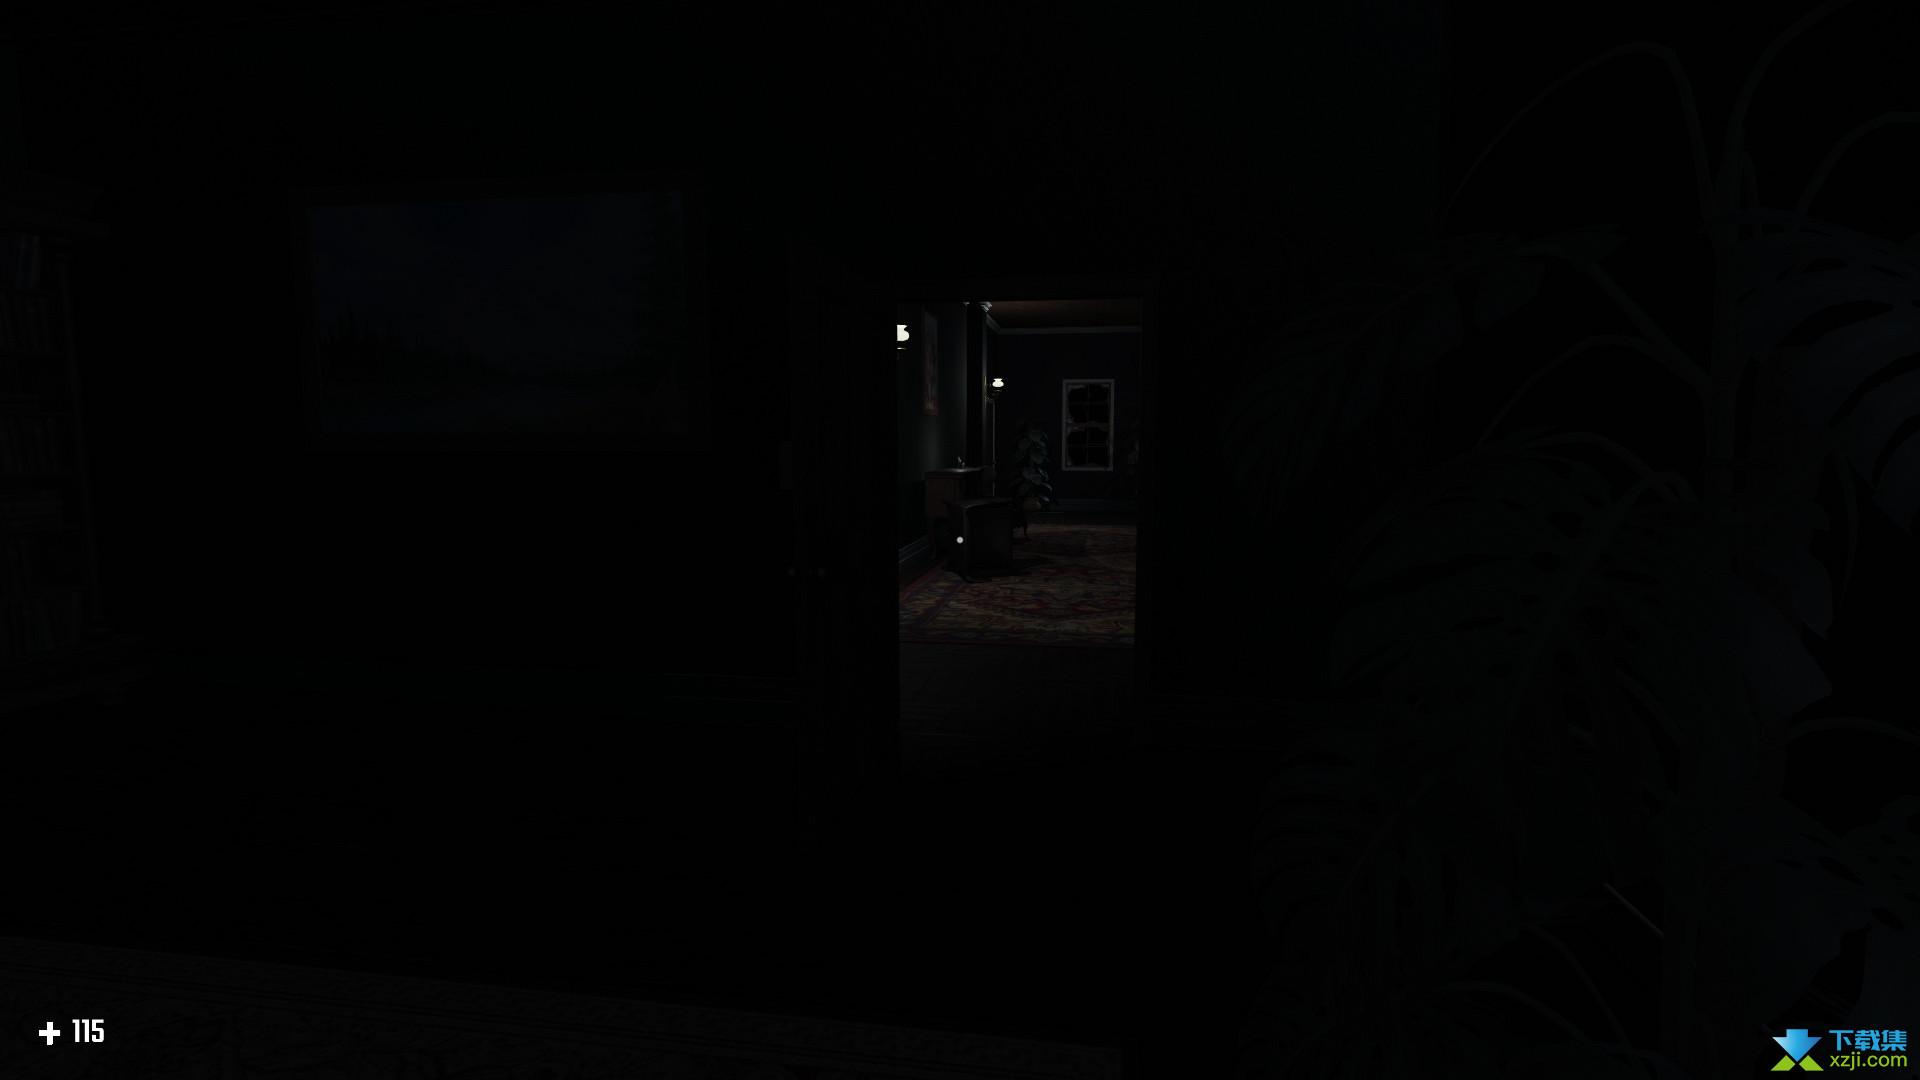 逃离房子界面